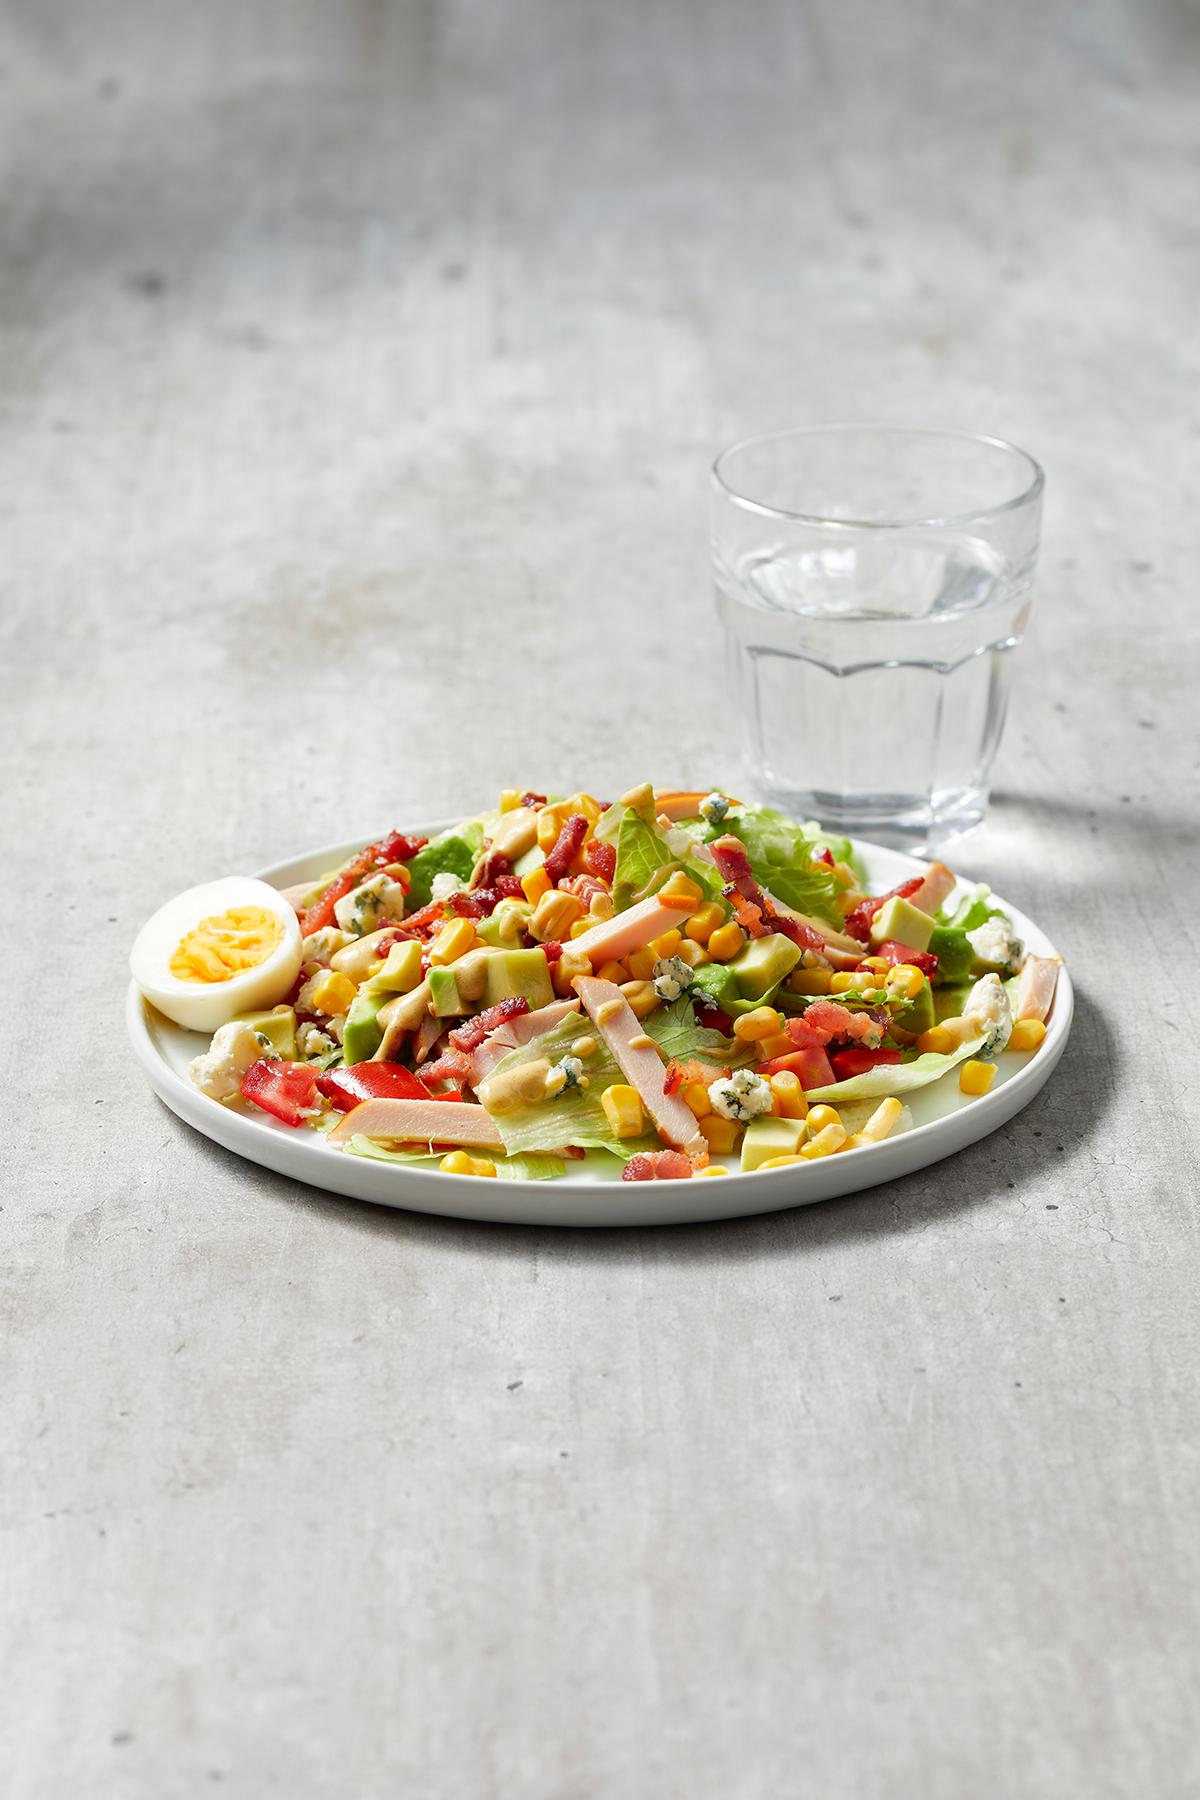 Amerikaanse cobb salad met gerookte kipfilet